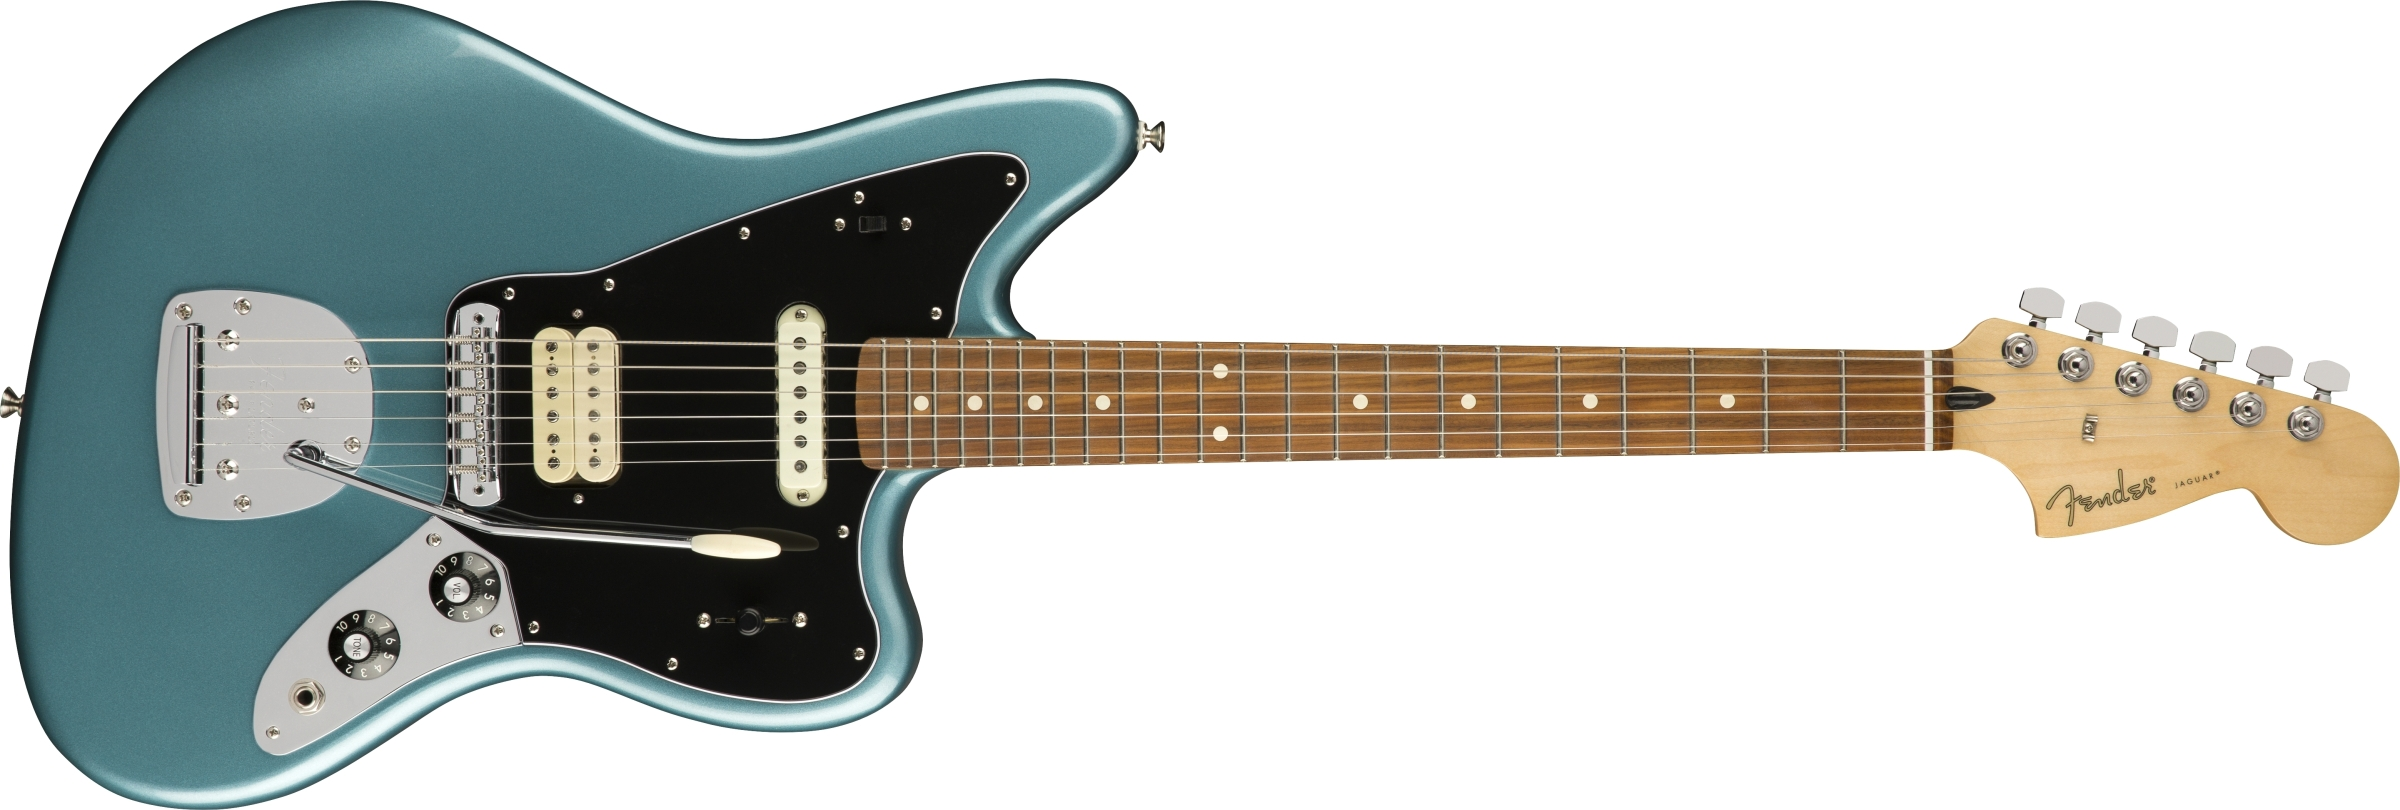 player jaguar electric guitars. Black Bedroom Furniture Sets. Home Design Ideas